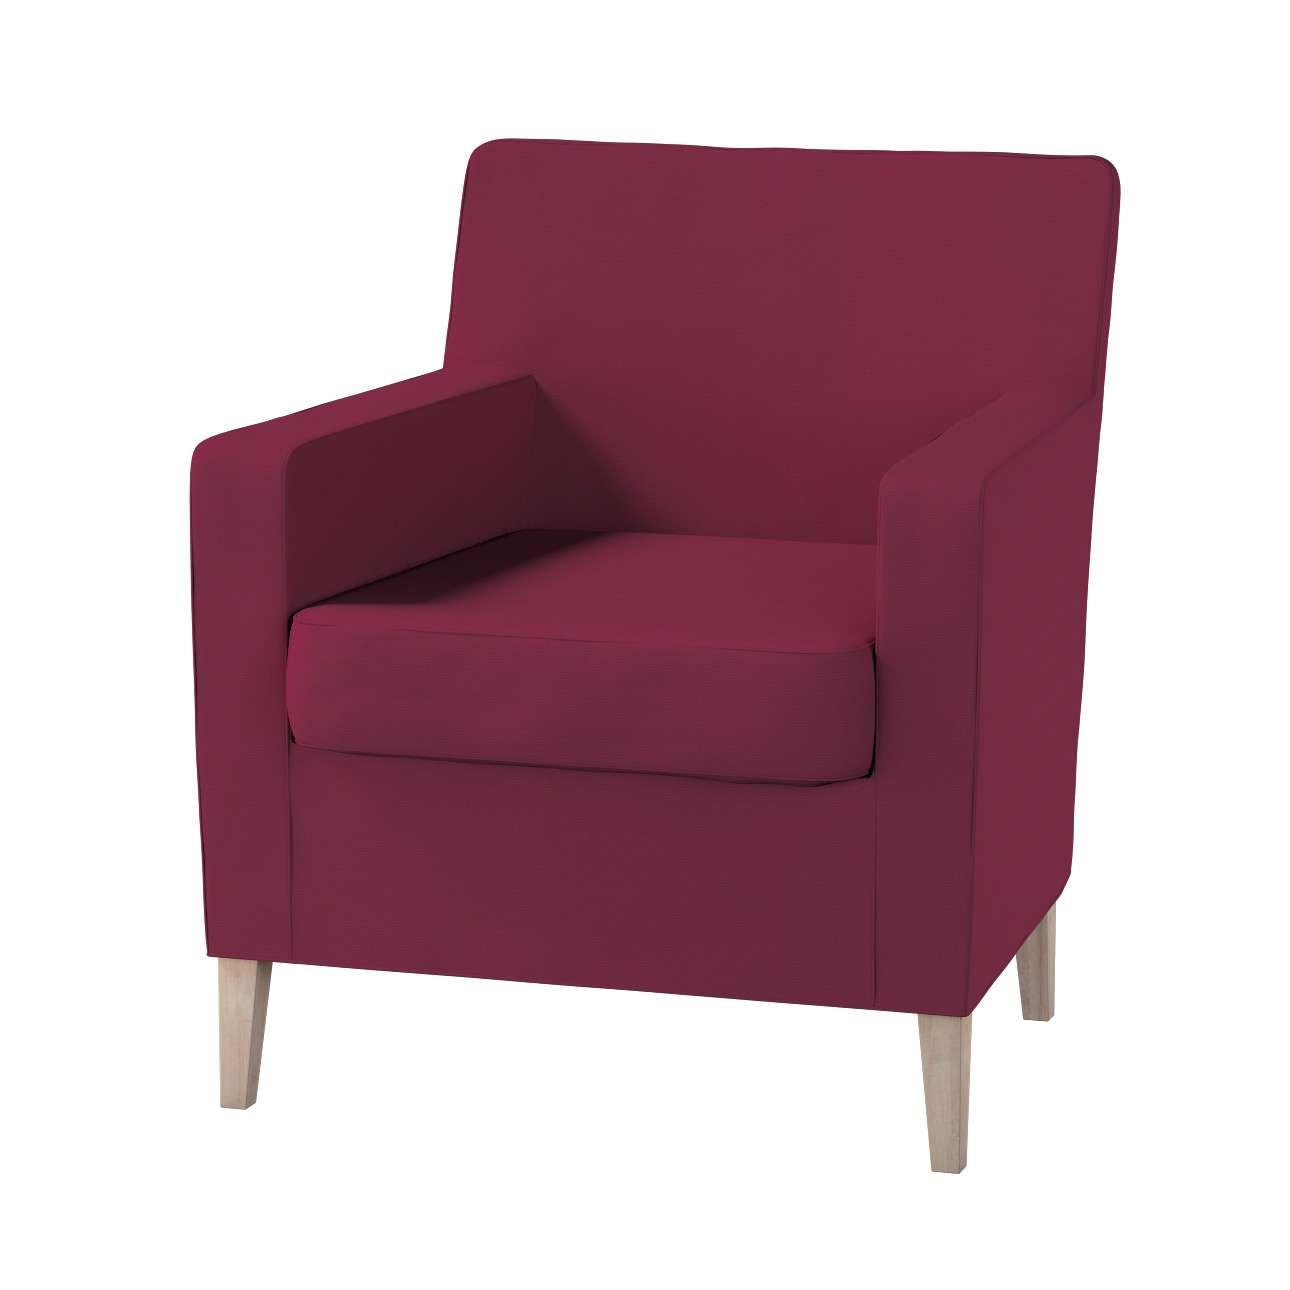 Karlstad fotelio-kėdės užvalkalas Karlstad fotelio - kėdės užvalkalas kolekcijoje Cotton Panama, audinys: 702-32